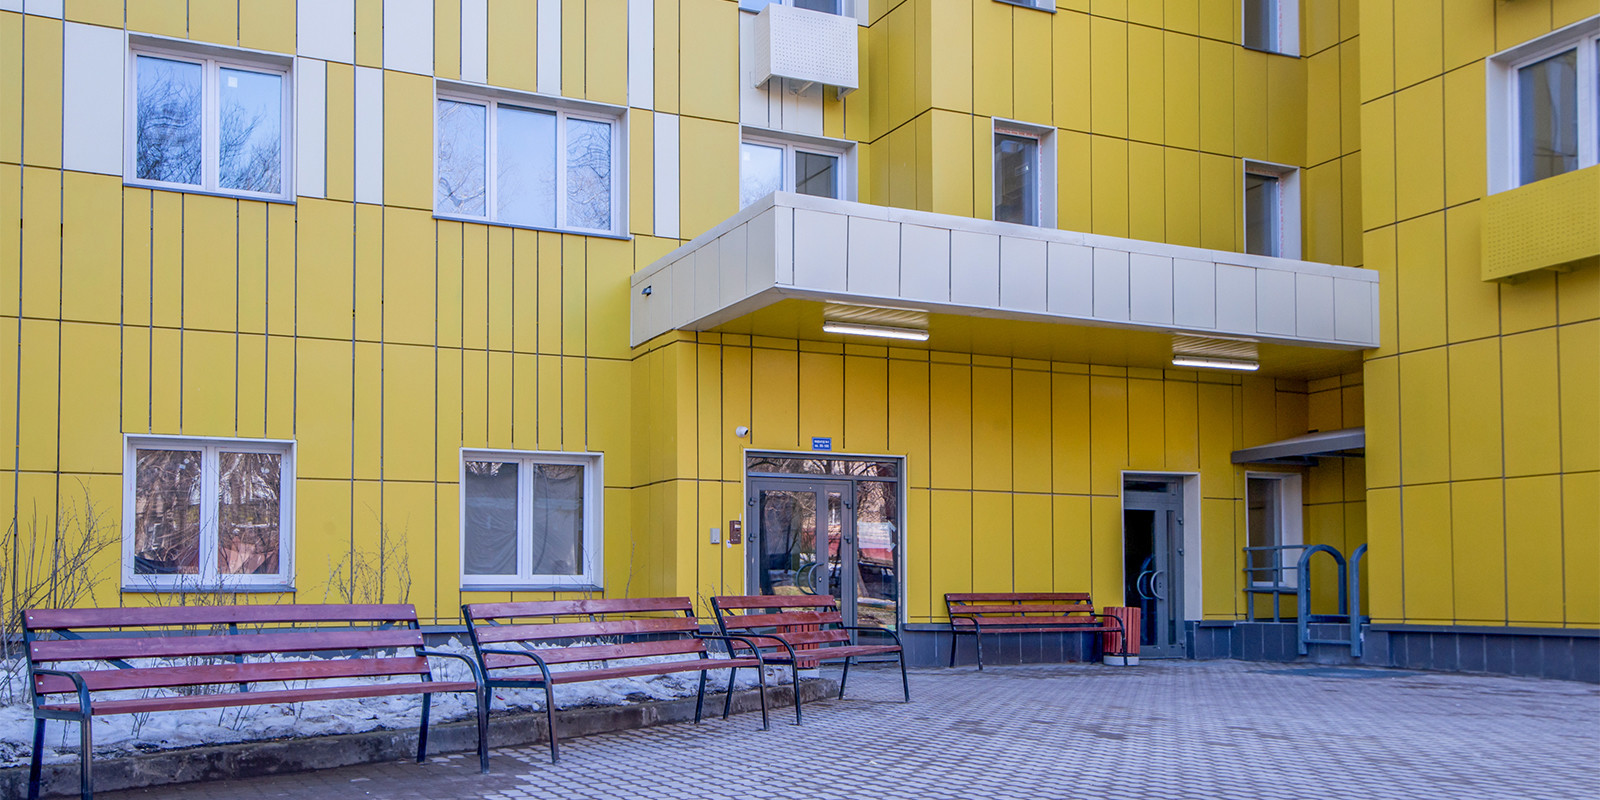 Фото: © Официальный портал мэра и правительства Москвы